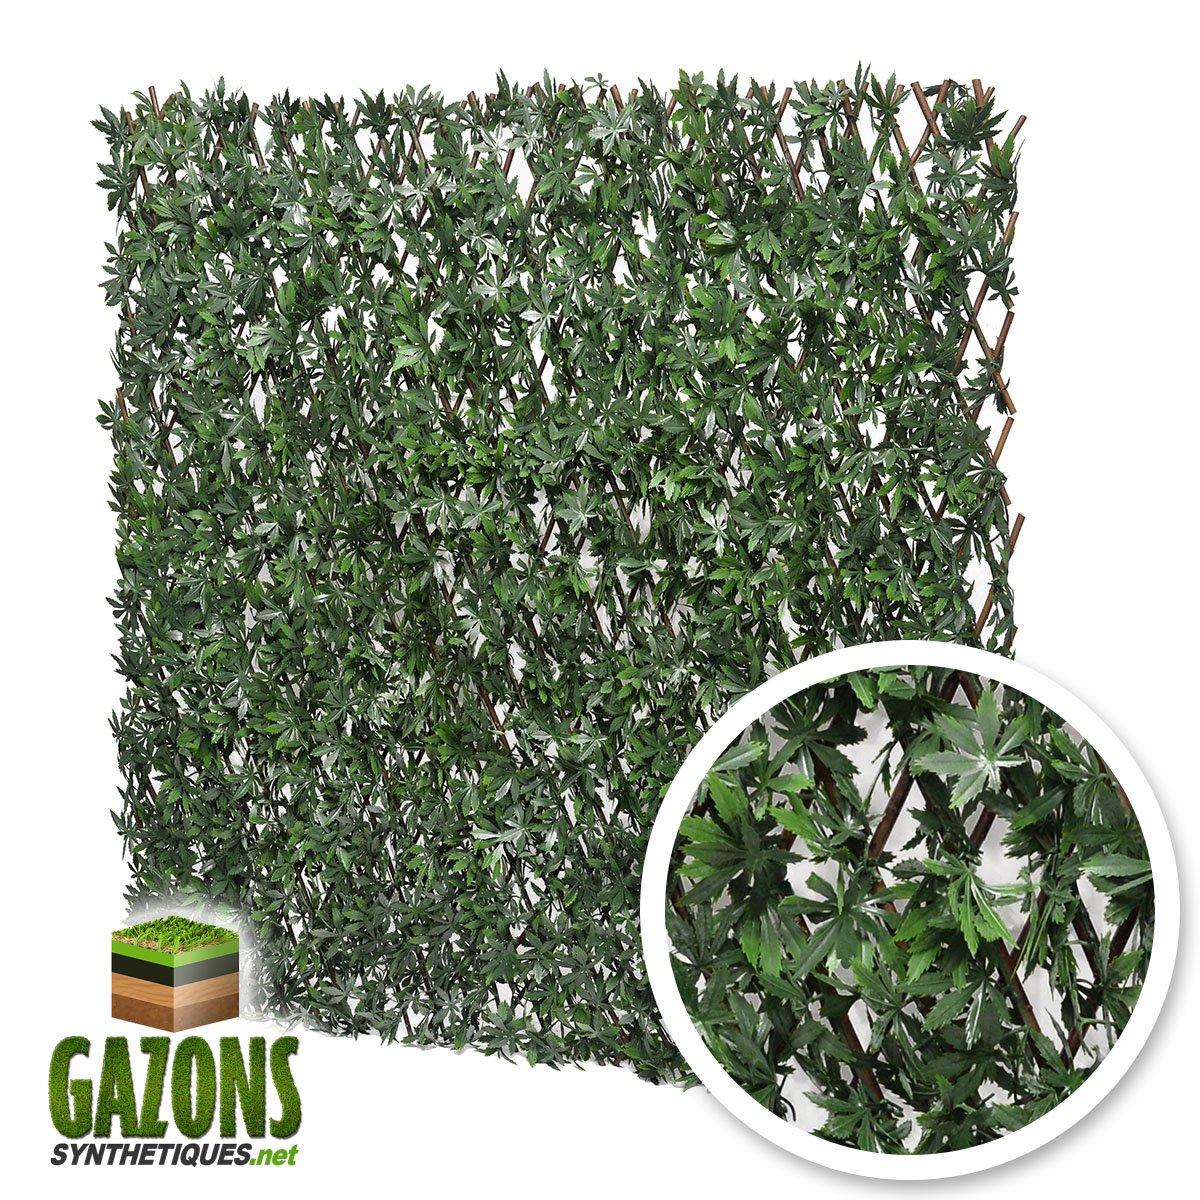 France Green Treillis Extensible Feuilles de Vigne Vierge Verte 1m x 2m